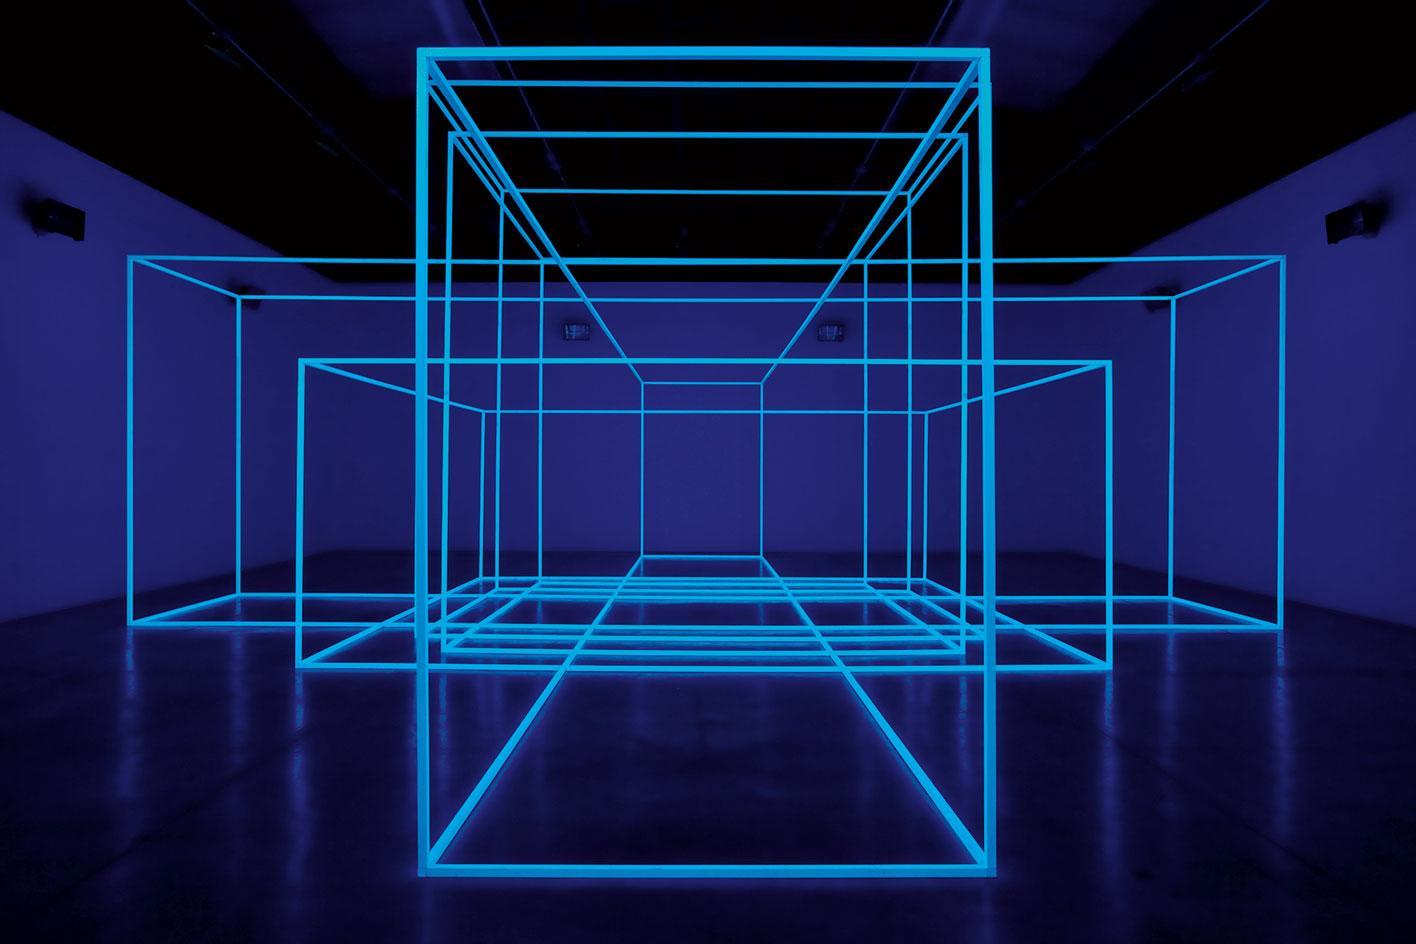 Andrea Rossetti. Chế độ xem cài đặt Art Basel Unlimited 2019.